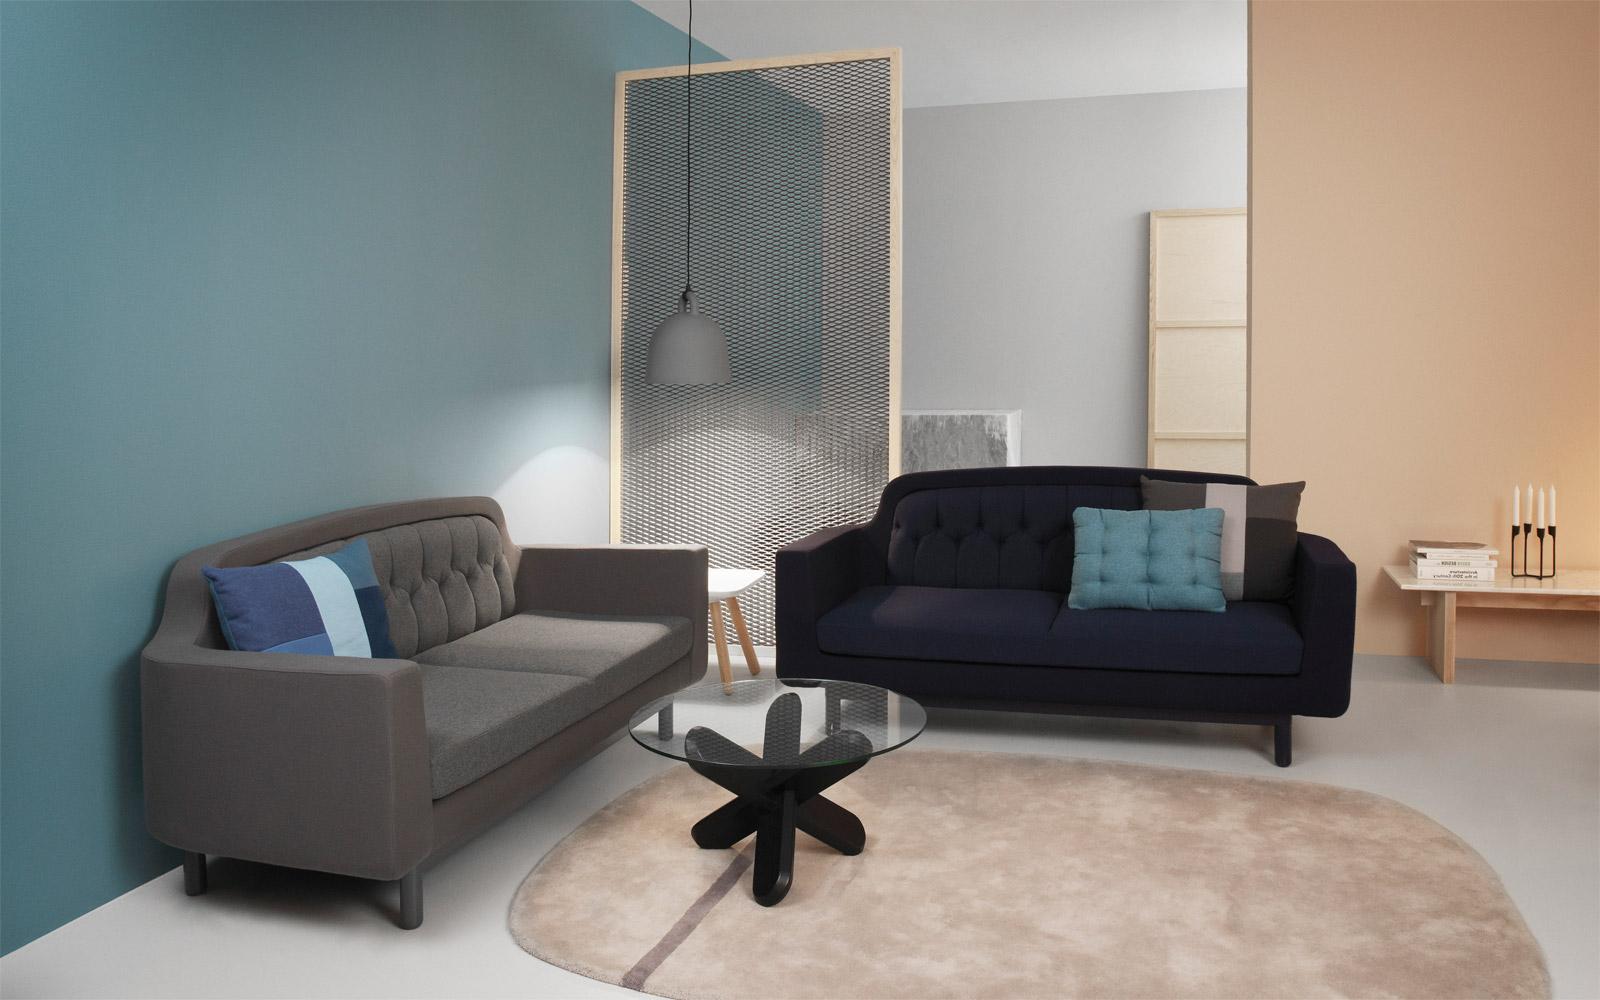 2014 Furniture 2014 furniture - home design